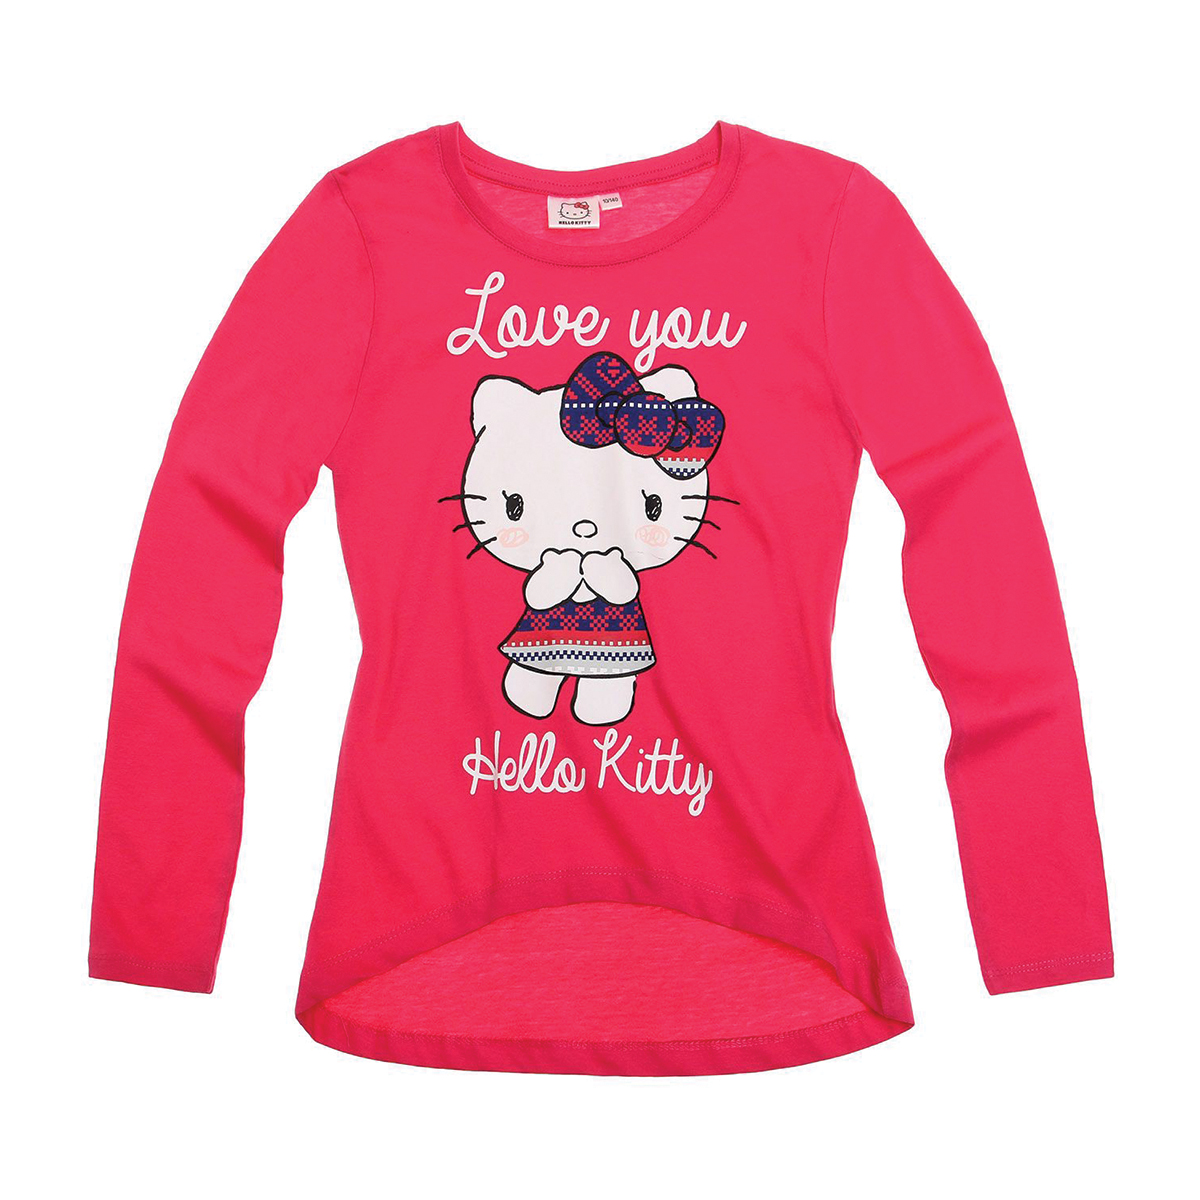 ΠΑΙΔΙΚΗ ΜΠΛΟΥΖΑ HELLO KITTY κορίτσι   ρούχα   t shirt long sleeve